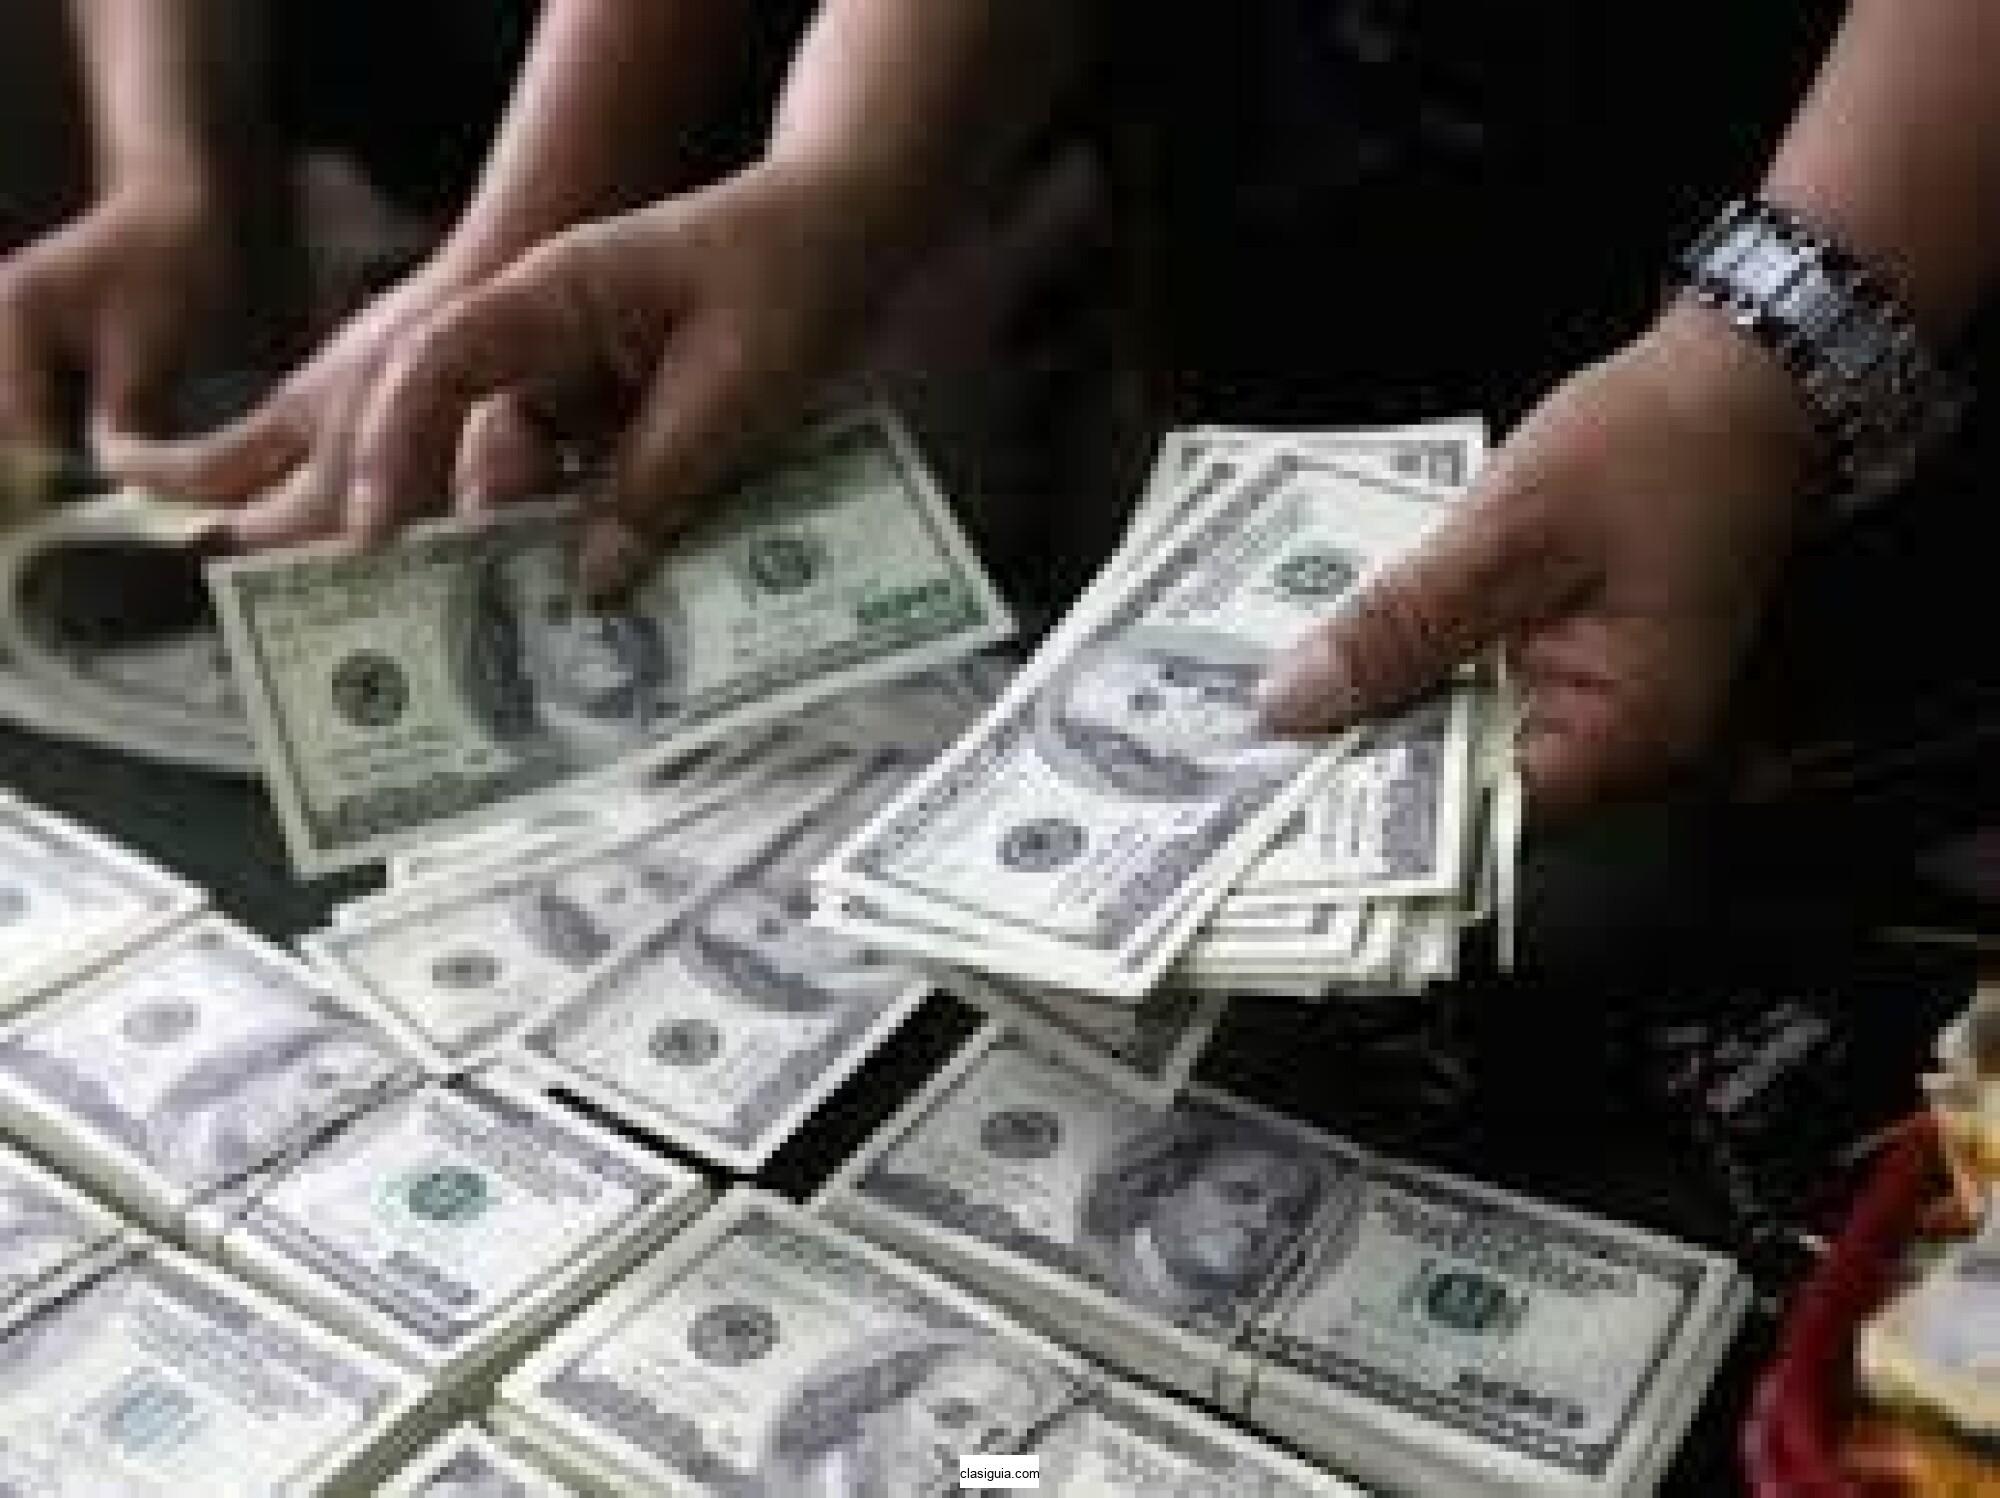 Oferta de préstamo para invertir en el próximo año